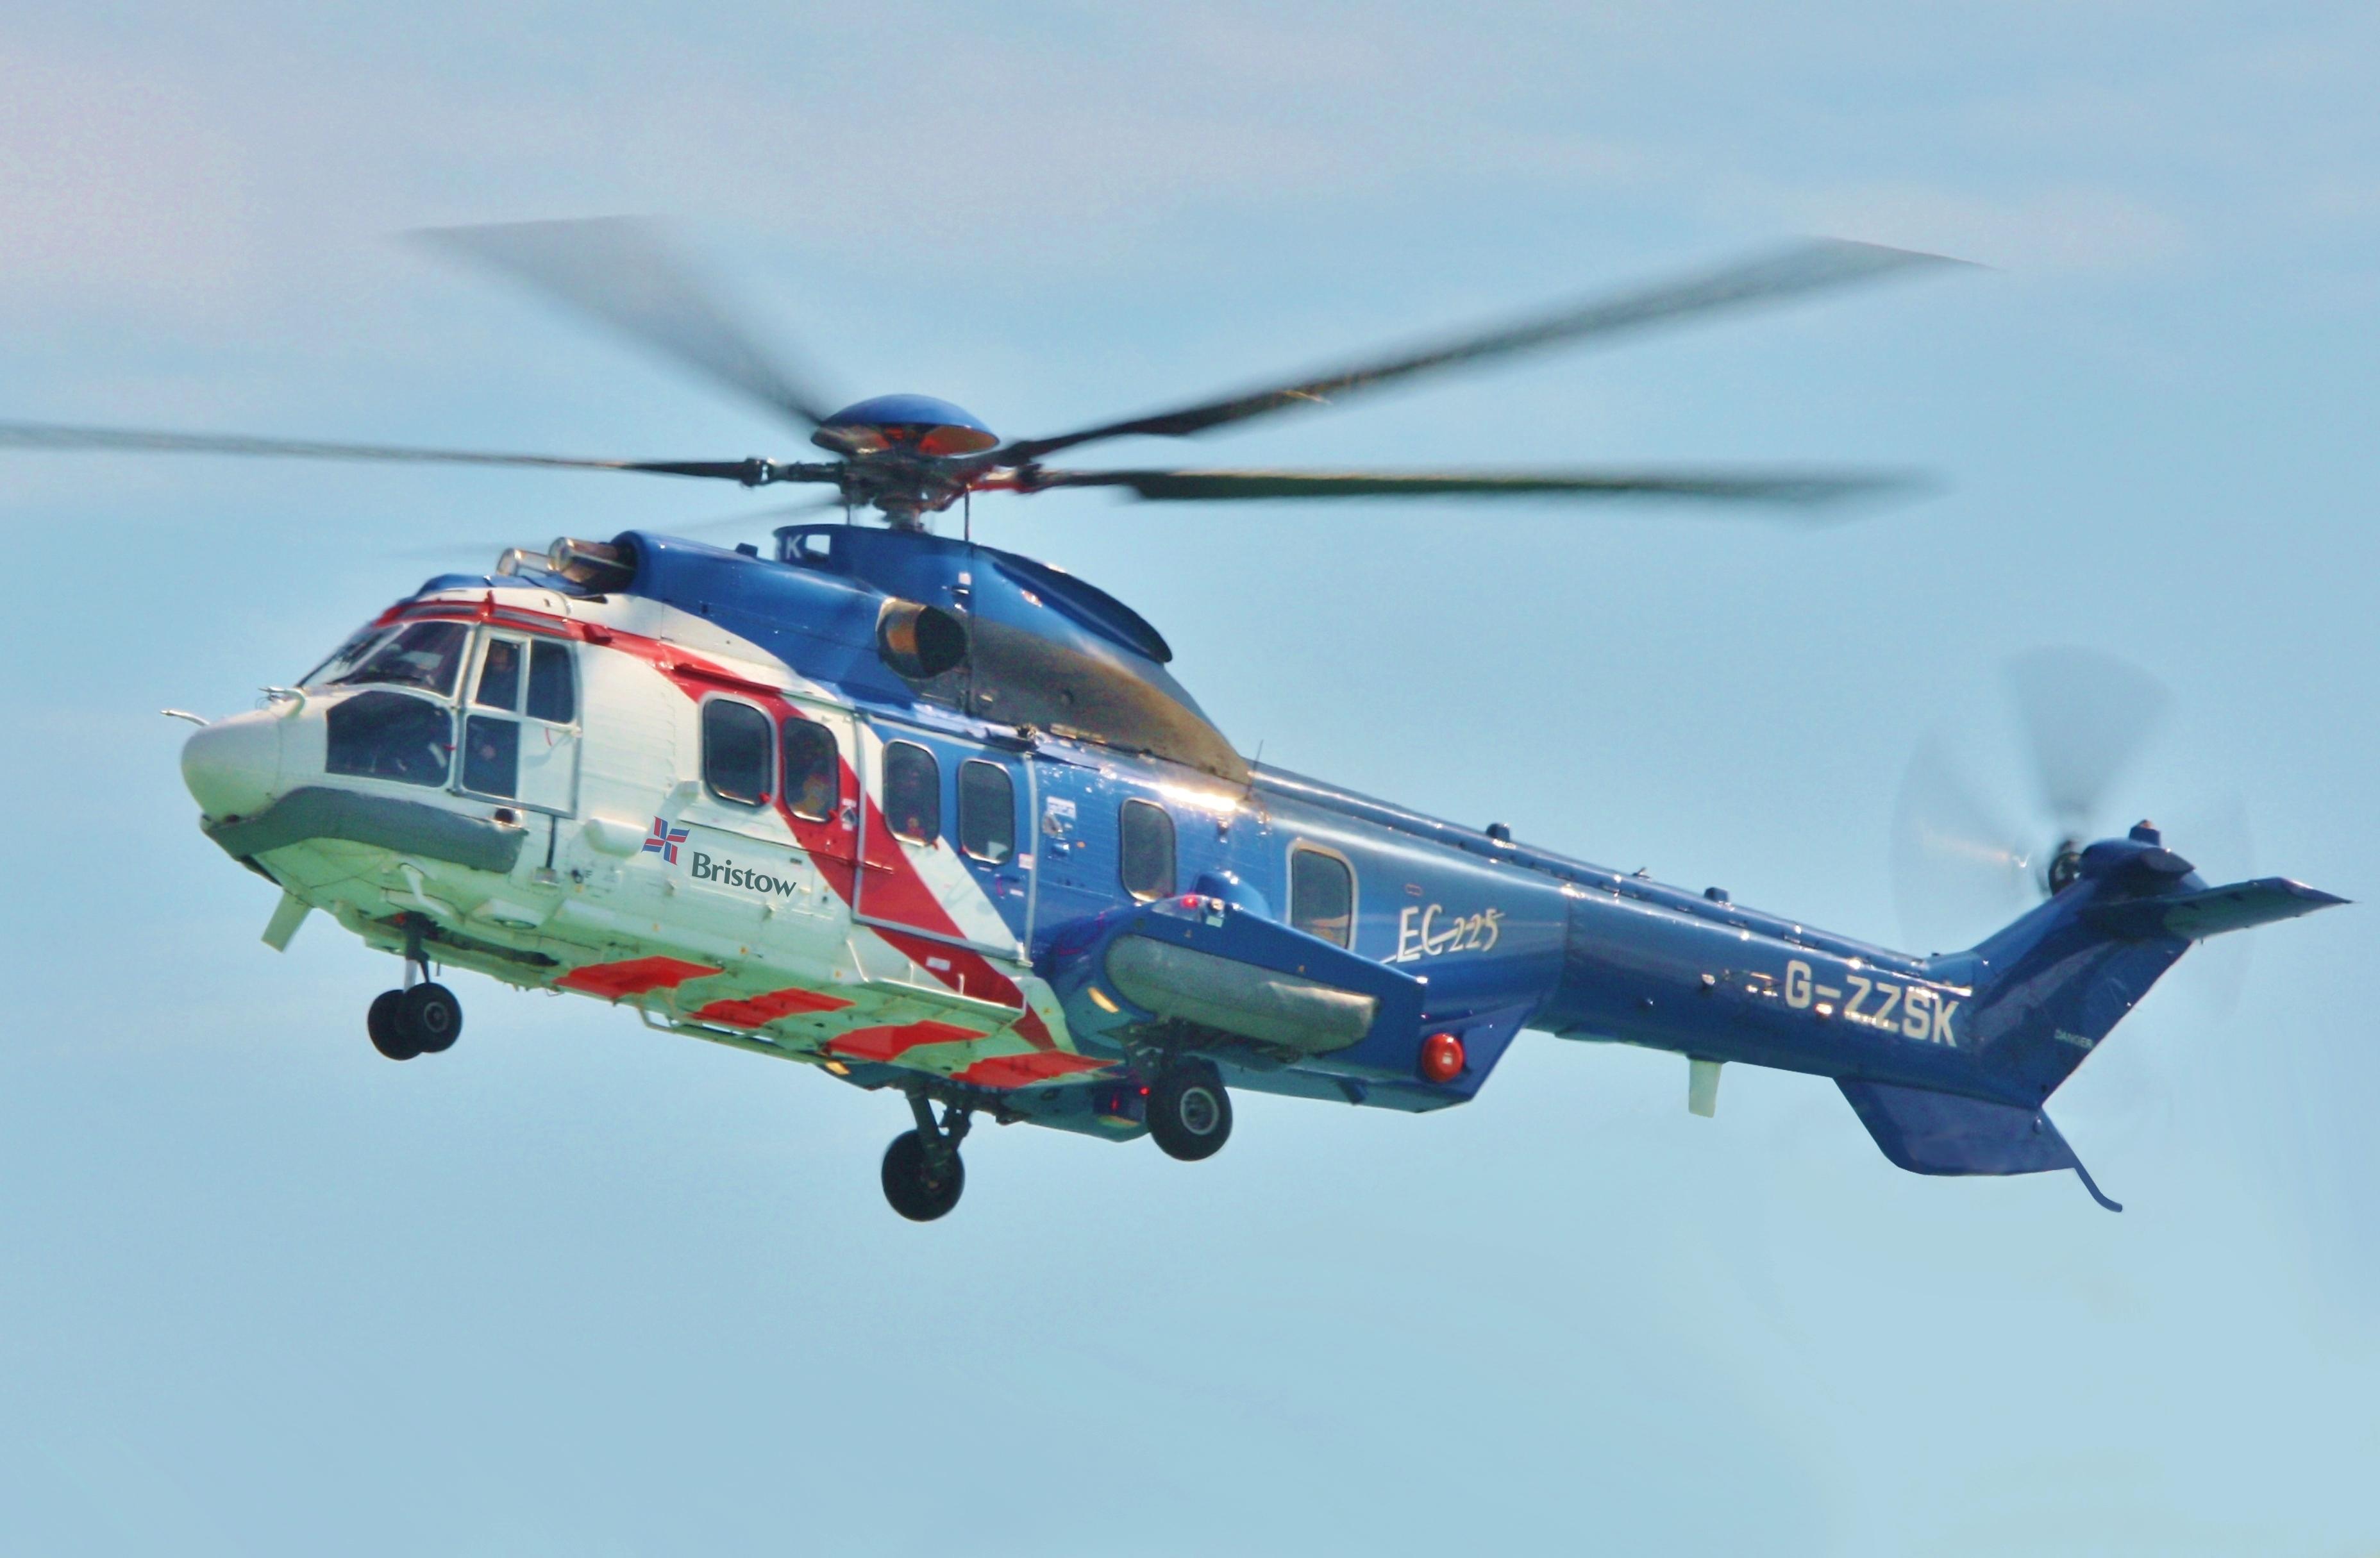 Eurocopter EC225 Super Puma - Wikipedia